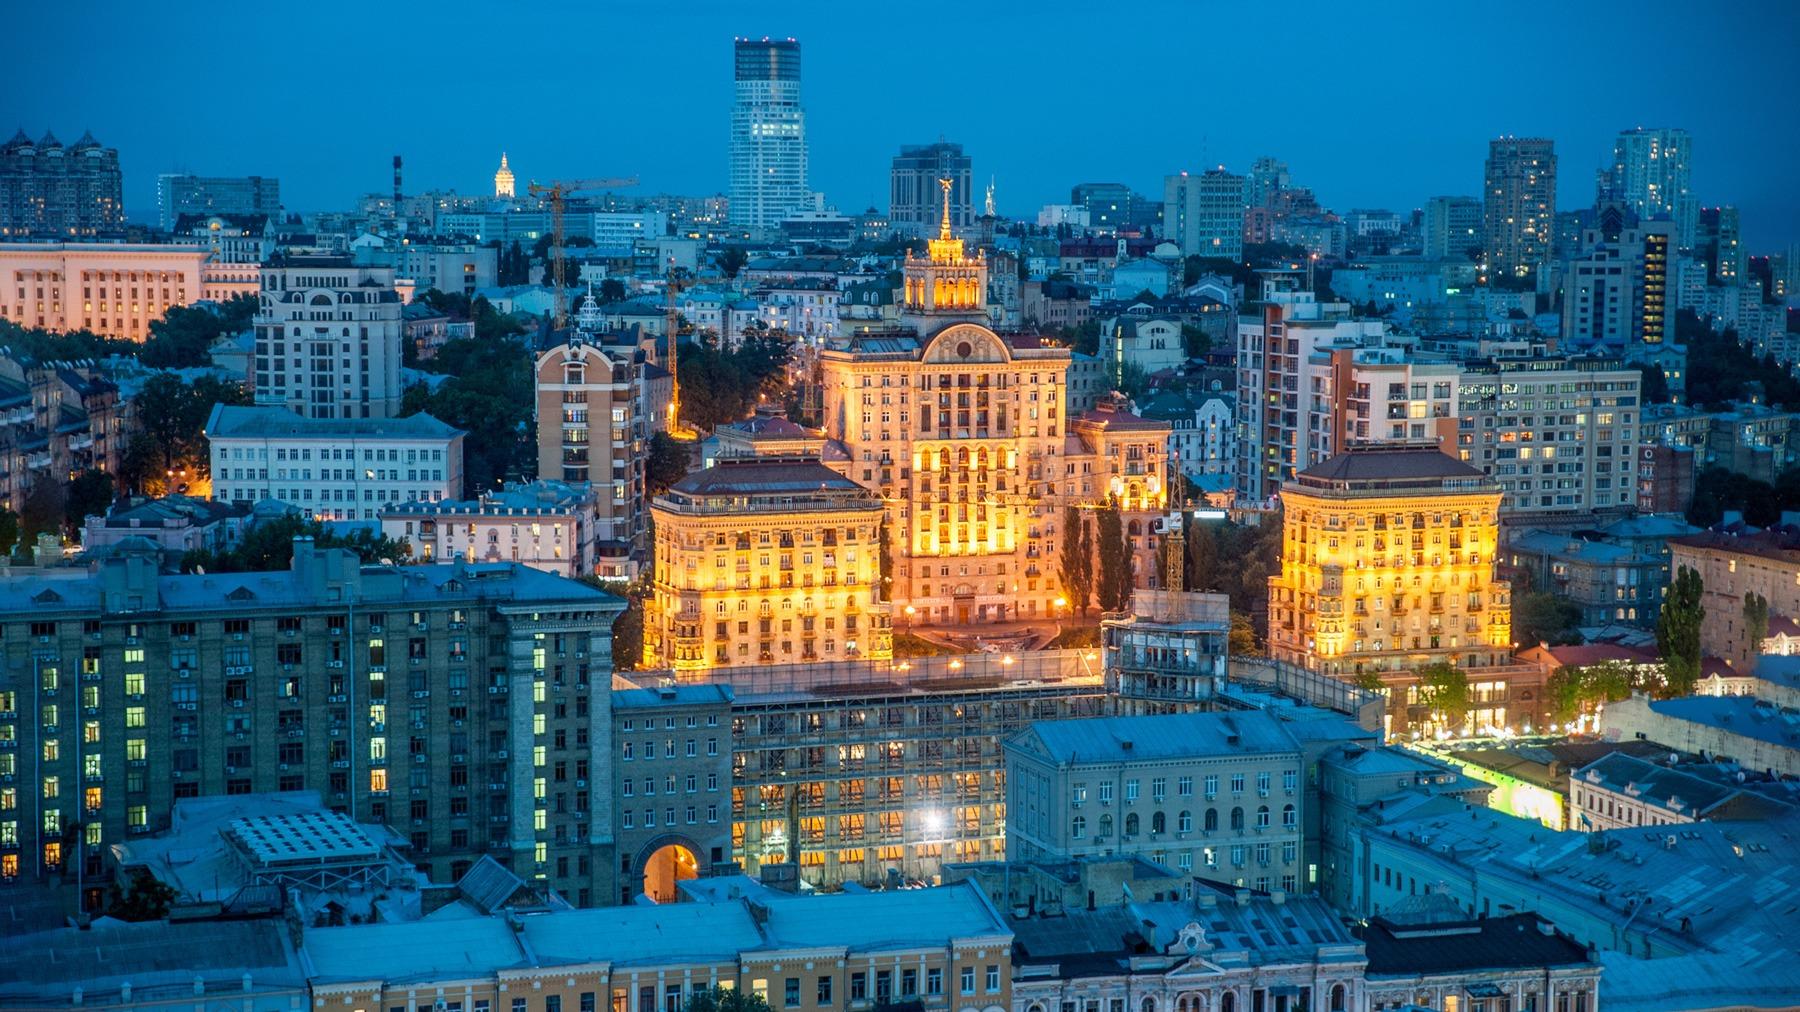 Большие данные большого города: как Big Data меняет жизнь Киева | Kyivstar Business Hub изображение №1